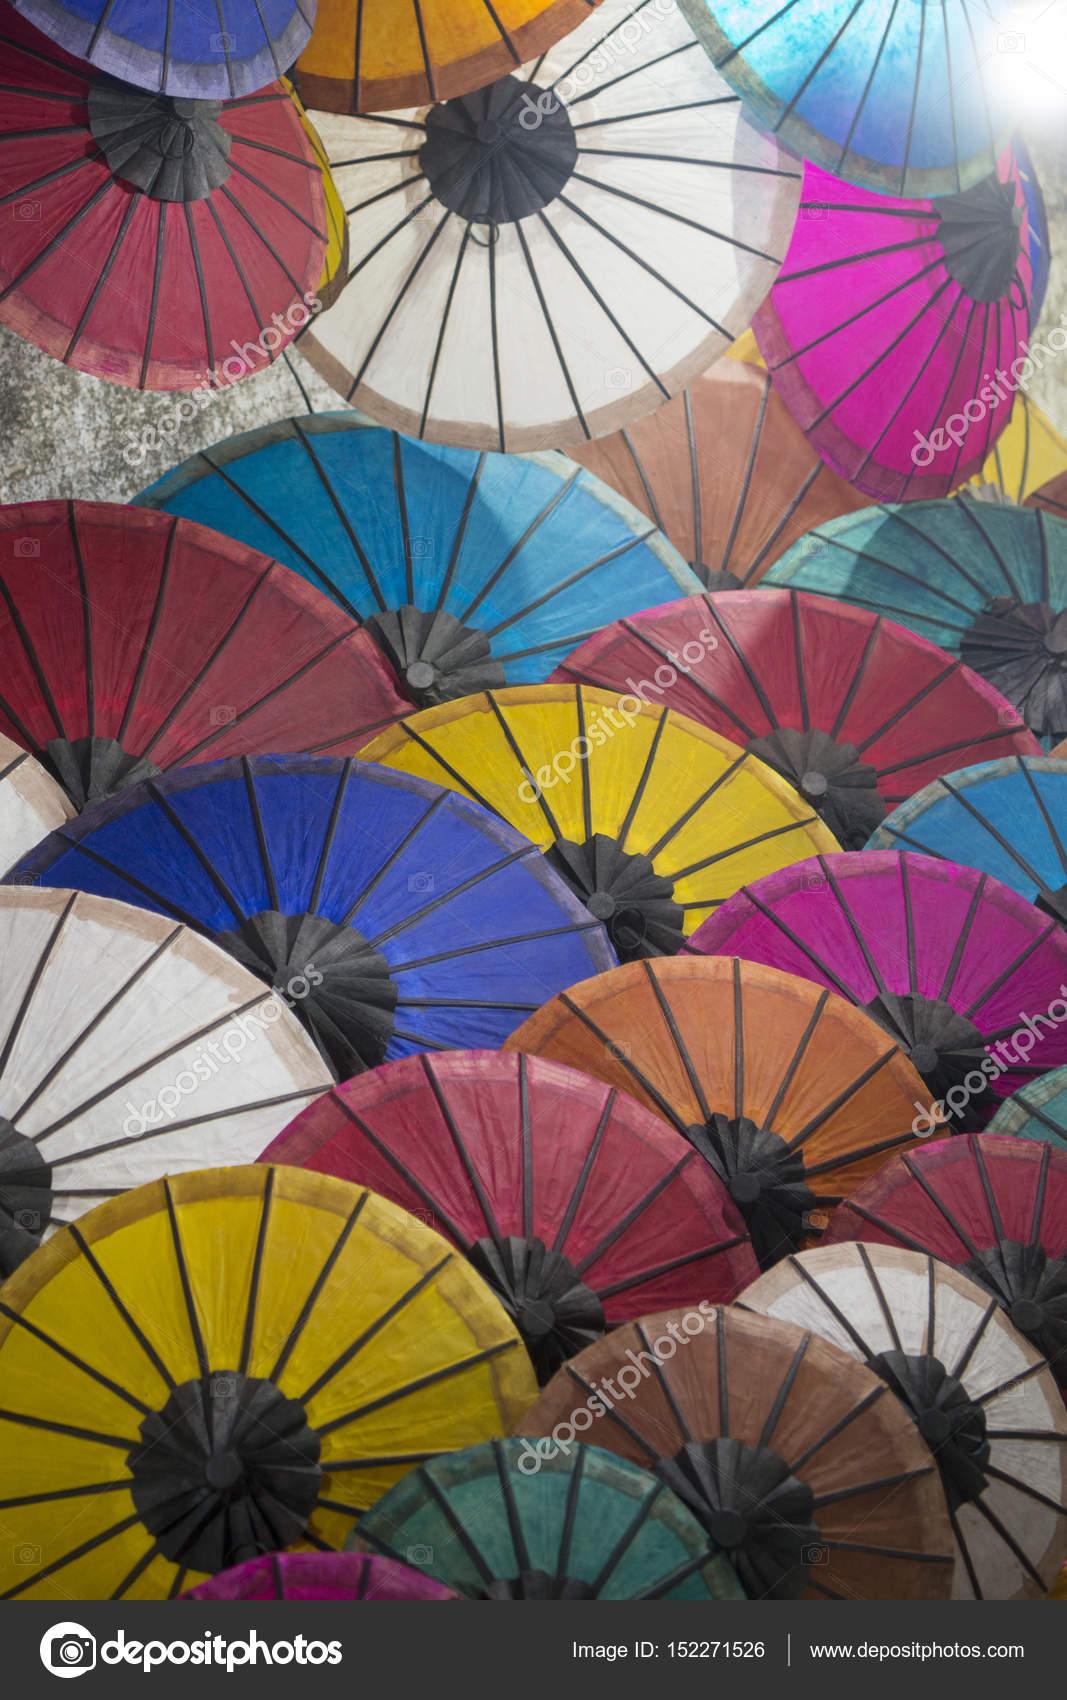 Asiatische Sonnenschirme asiatische sonnenschirme auf dem nachtmarkt stockfoto urf 152271526